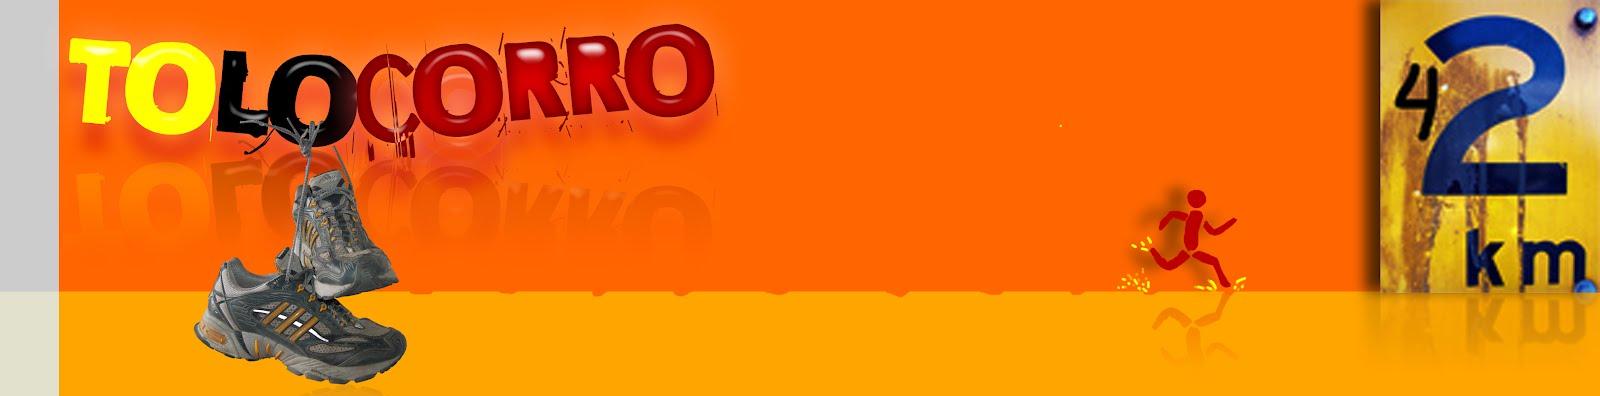 TOLOCORRO